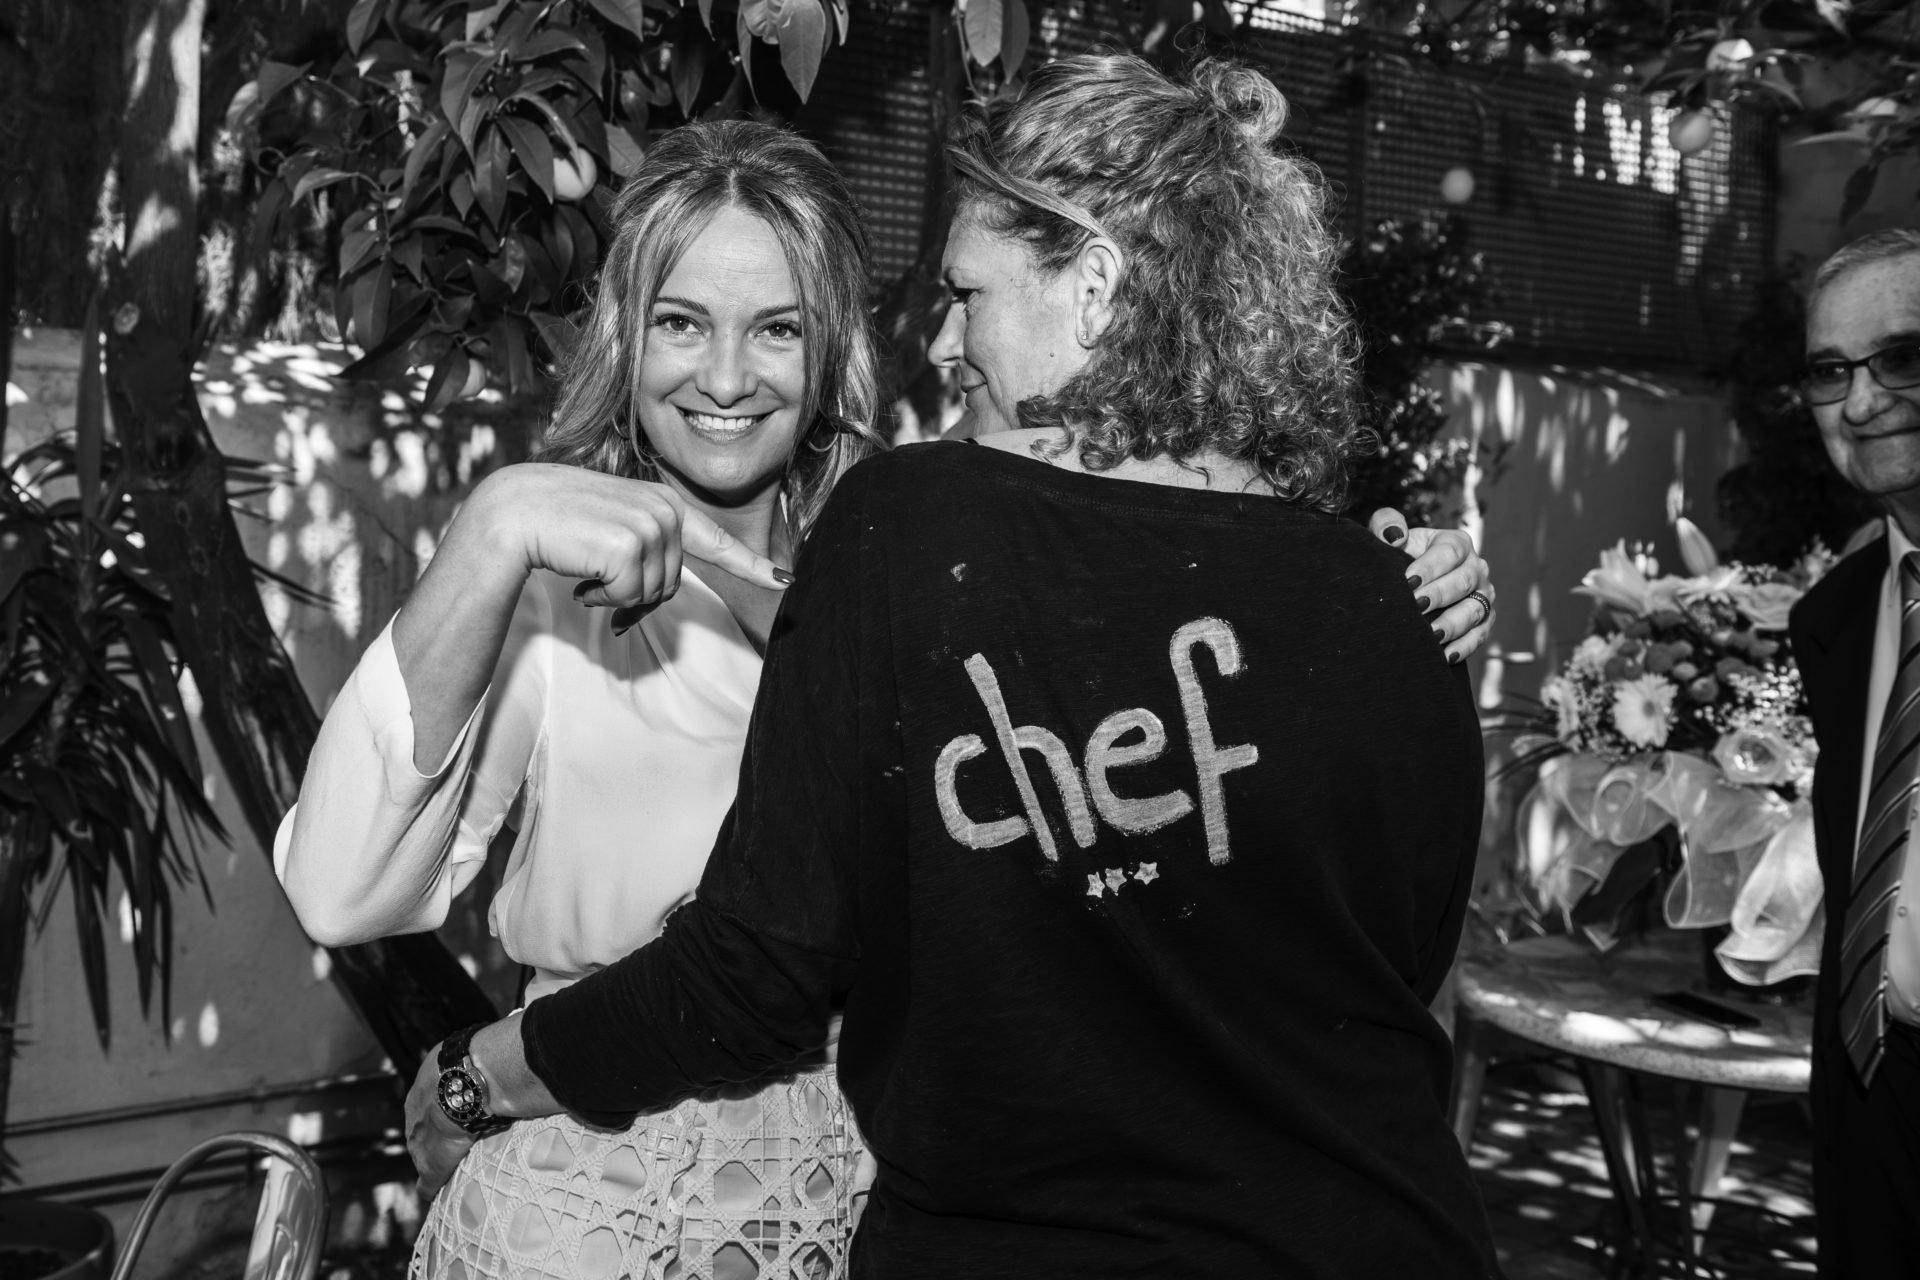 Un producto único, una chef extraordinaria y un espacio bien elegido: tres ingredientes para un evento ganador